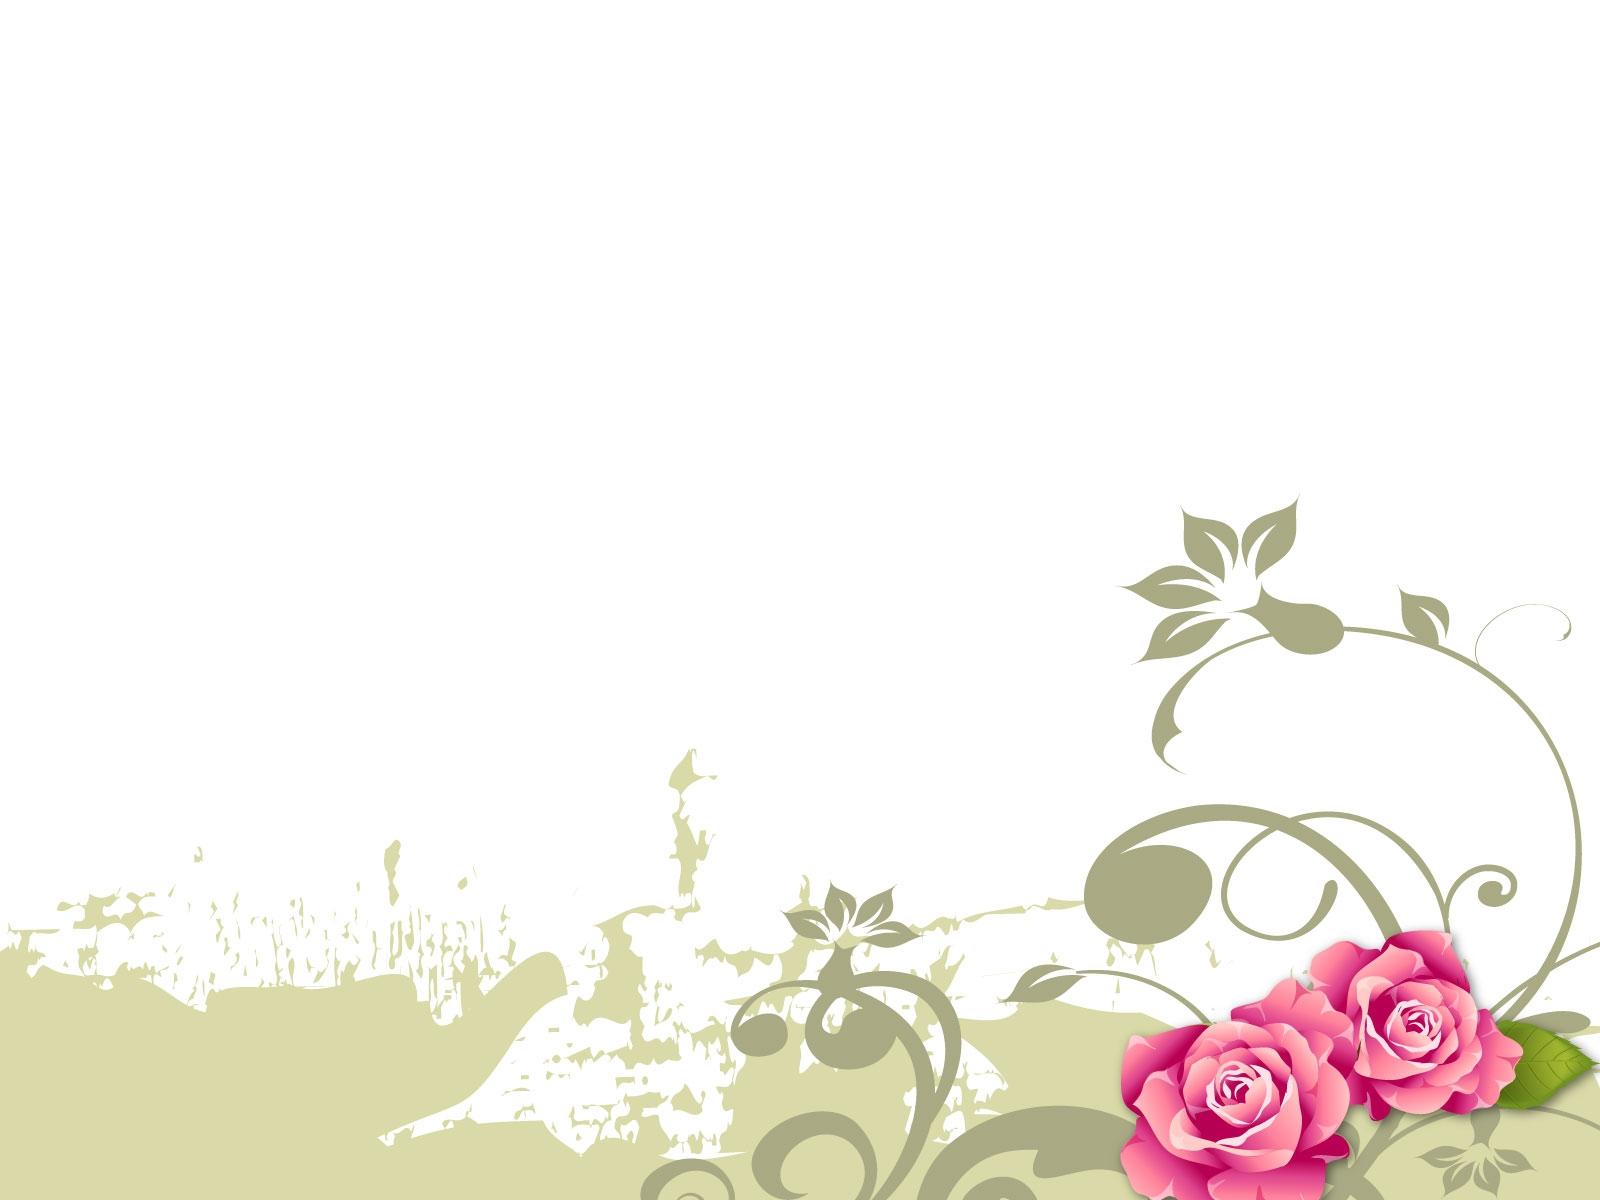 Nền background hoa lá đẹp